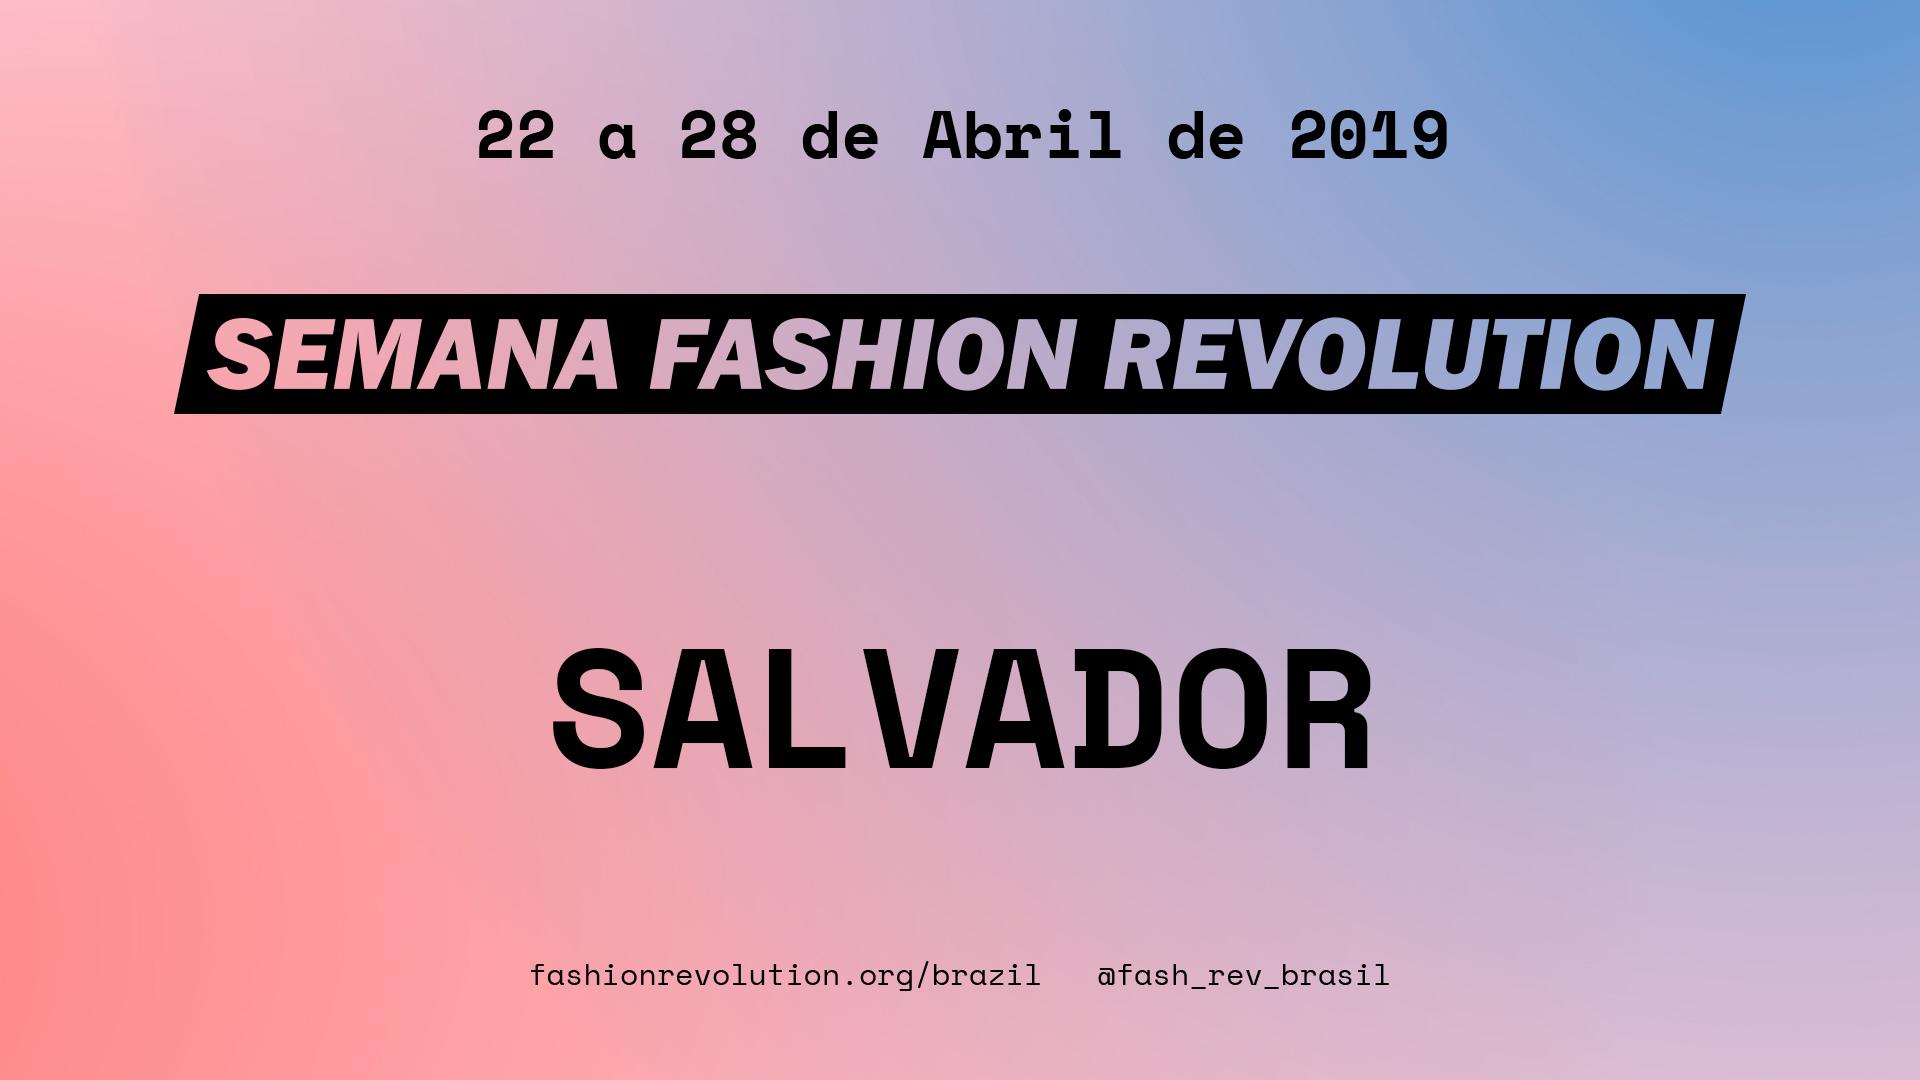 Semana Fashion Revolution Salvador